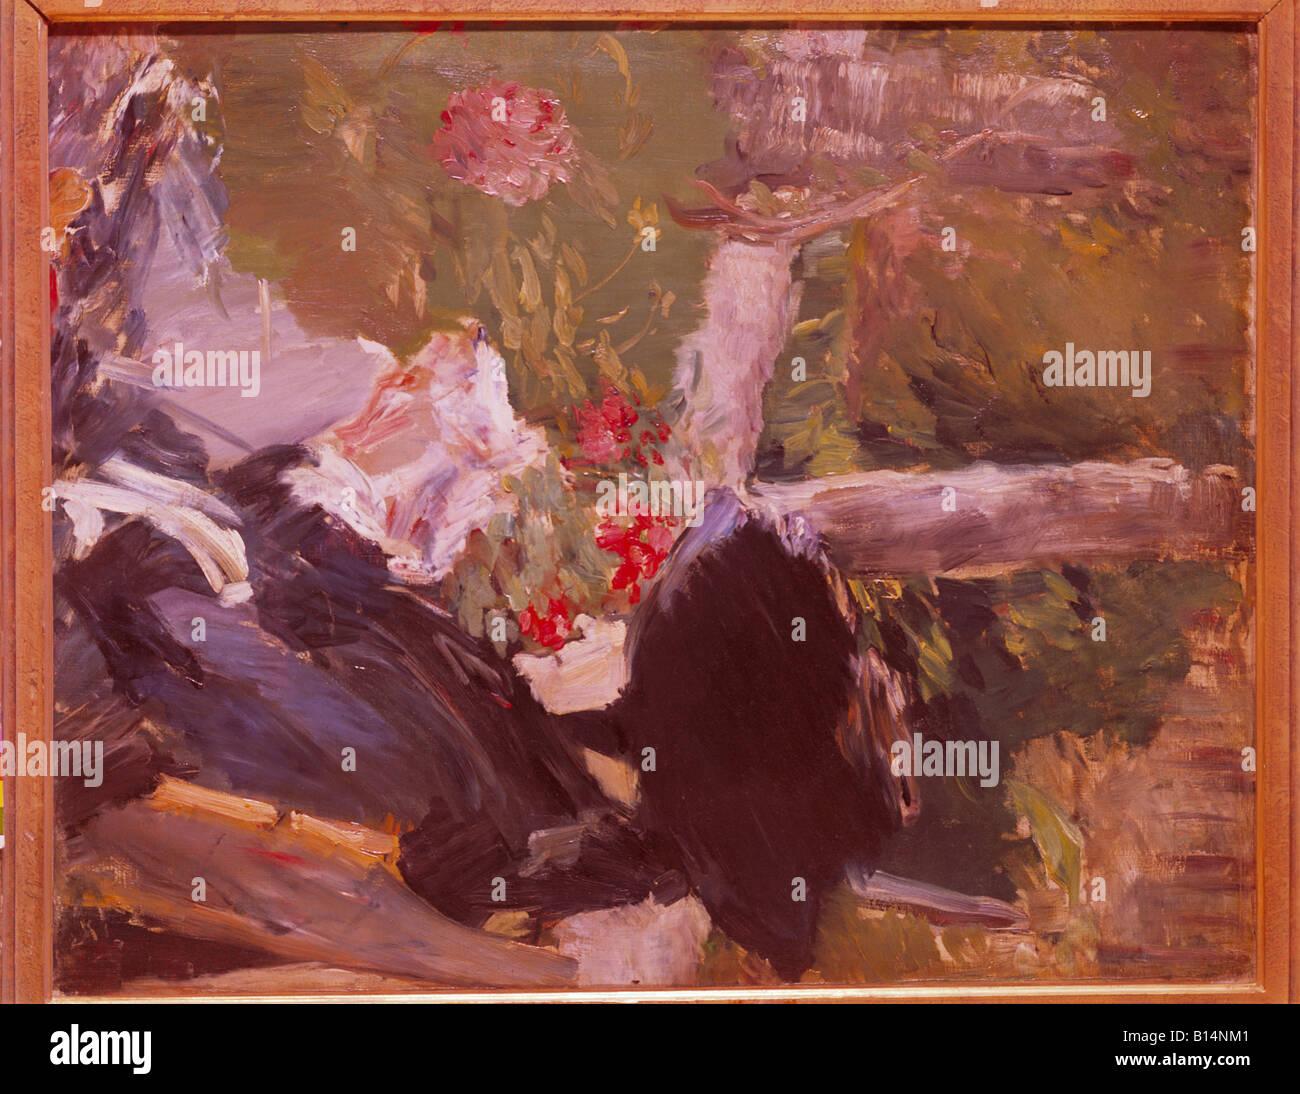 Belle arti, Manet, Edouard, (1832 -1883), pittura, 'La mere de Manet dans le Jardin de Bellevue' ('Manett 's madre Foto Stock